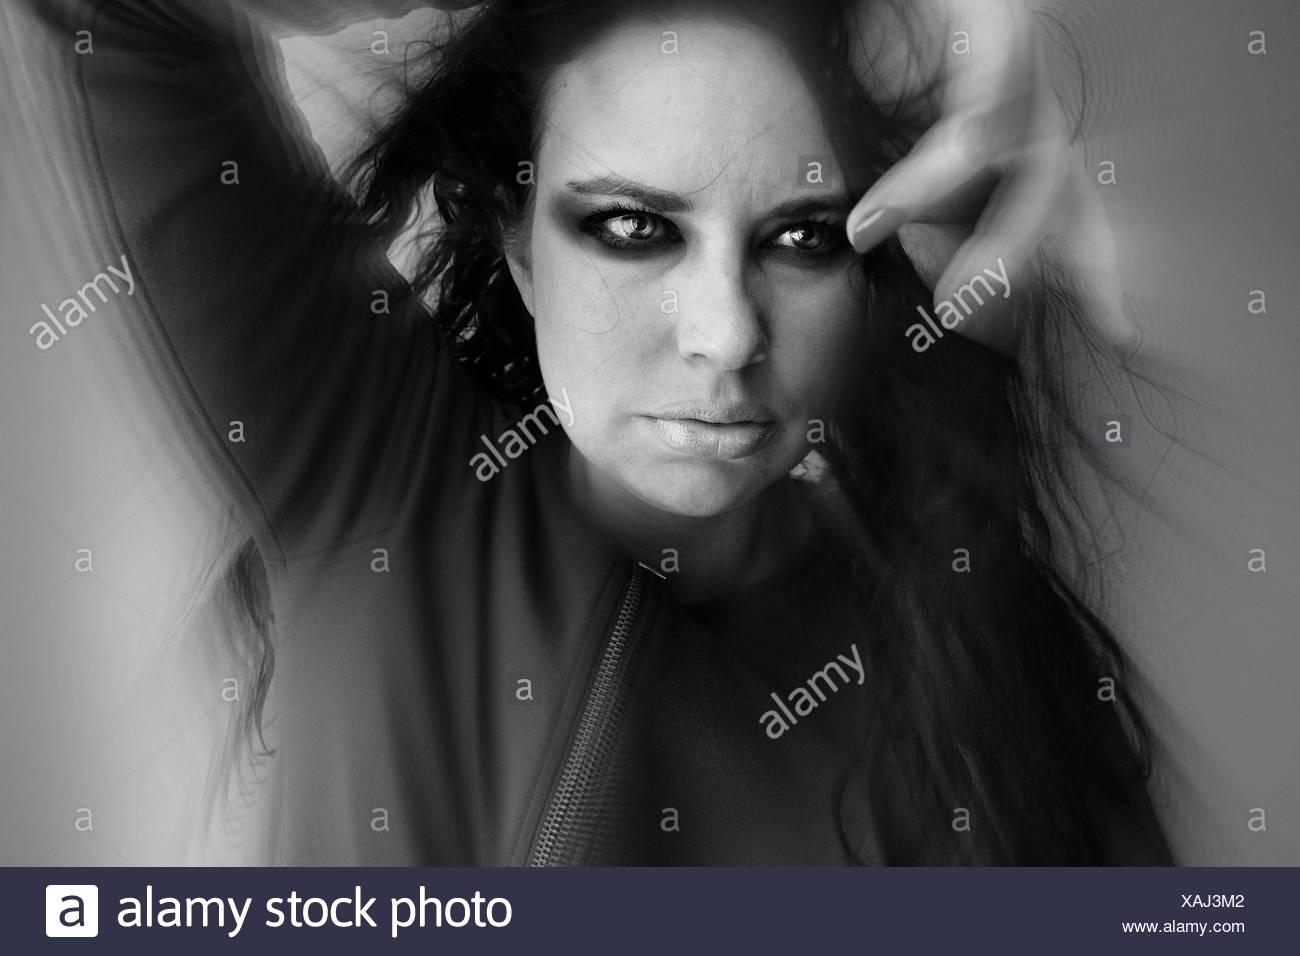 Vorderansicht des Mode-Modell vor grauem Hintergrund Stockbild